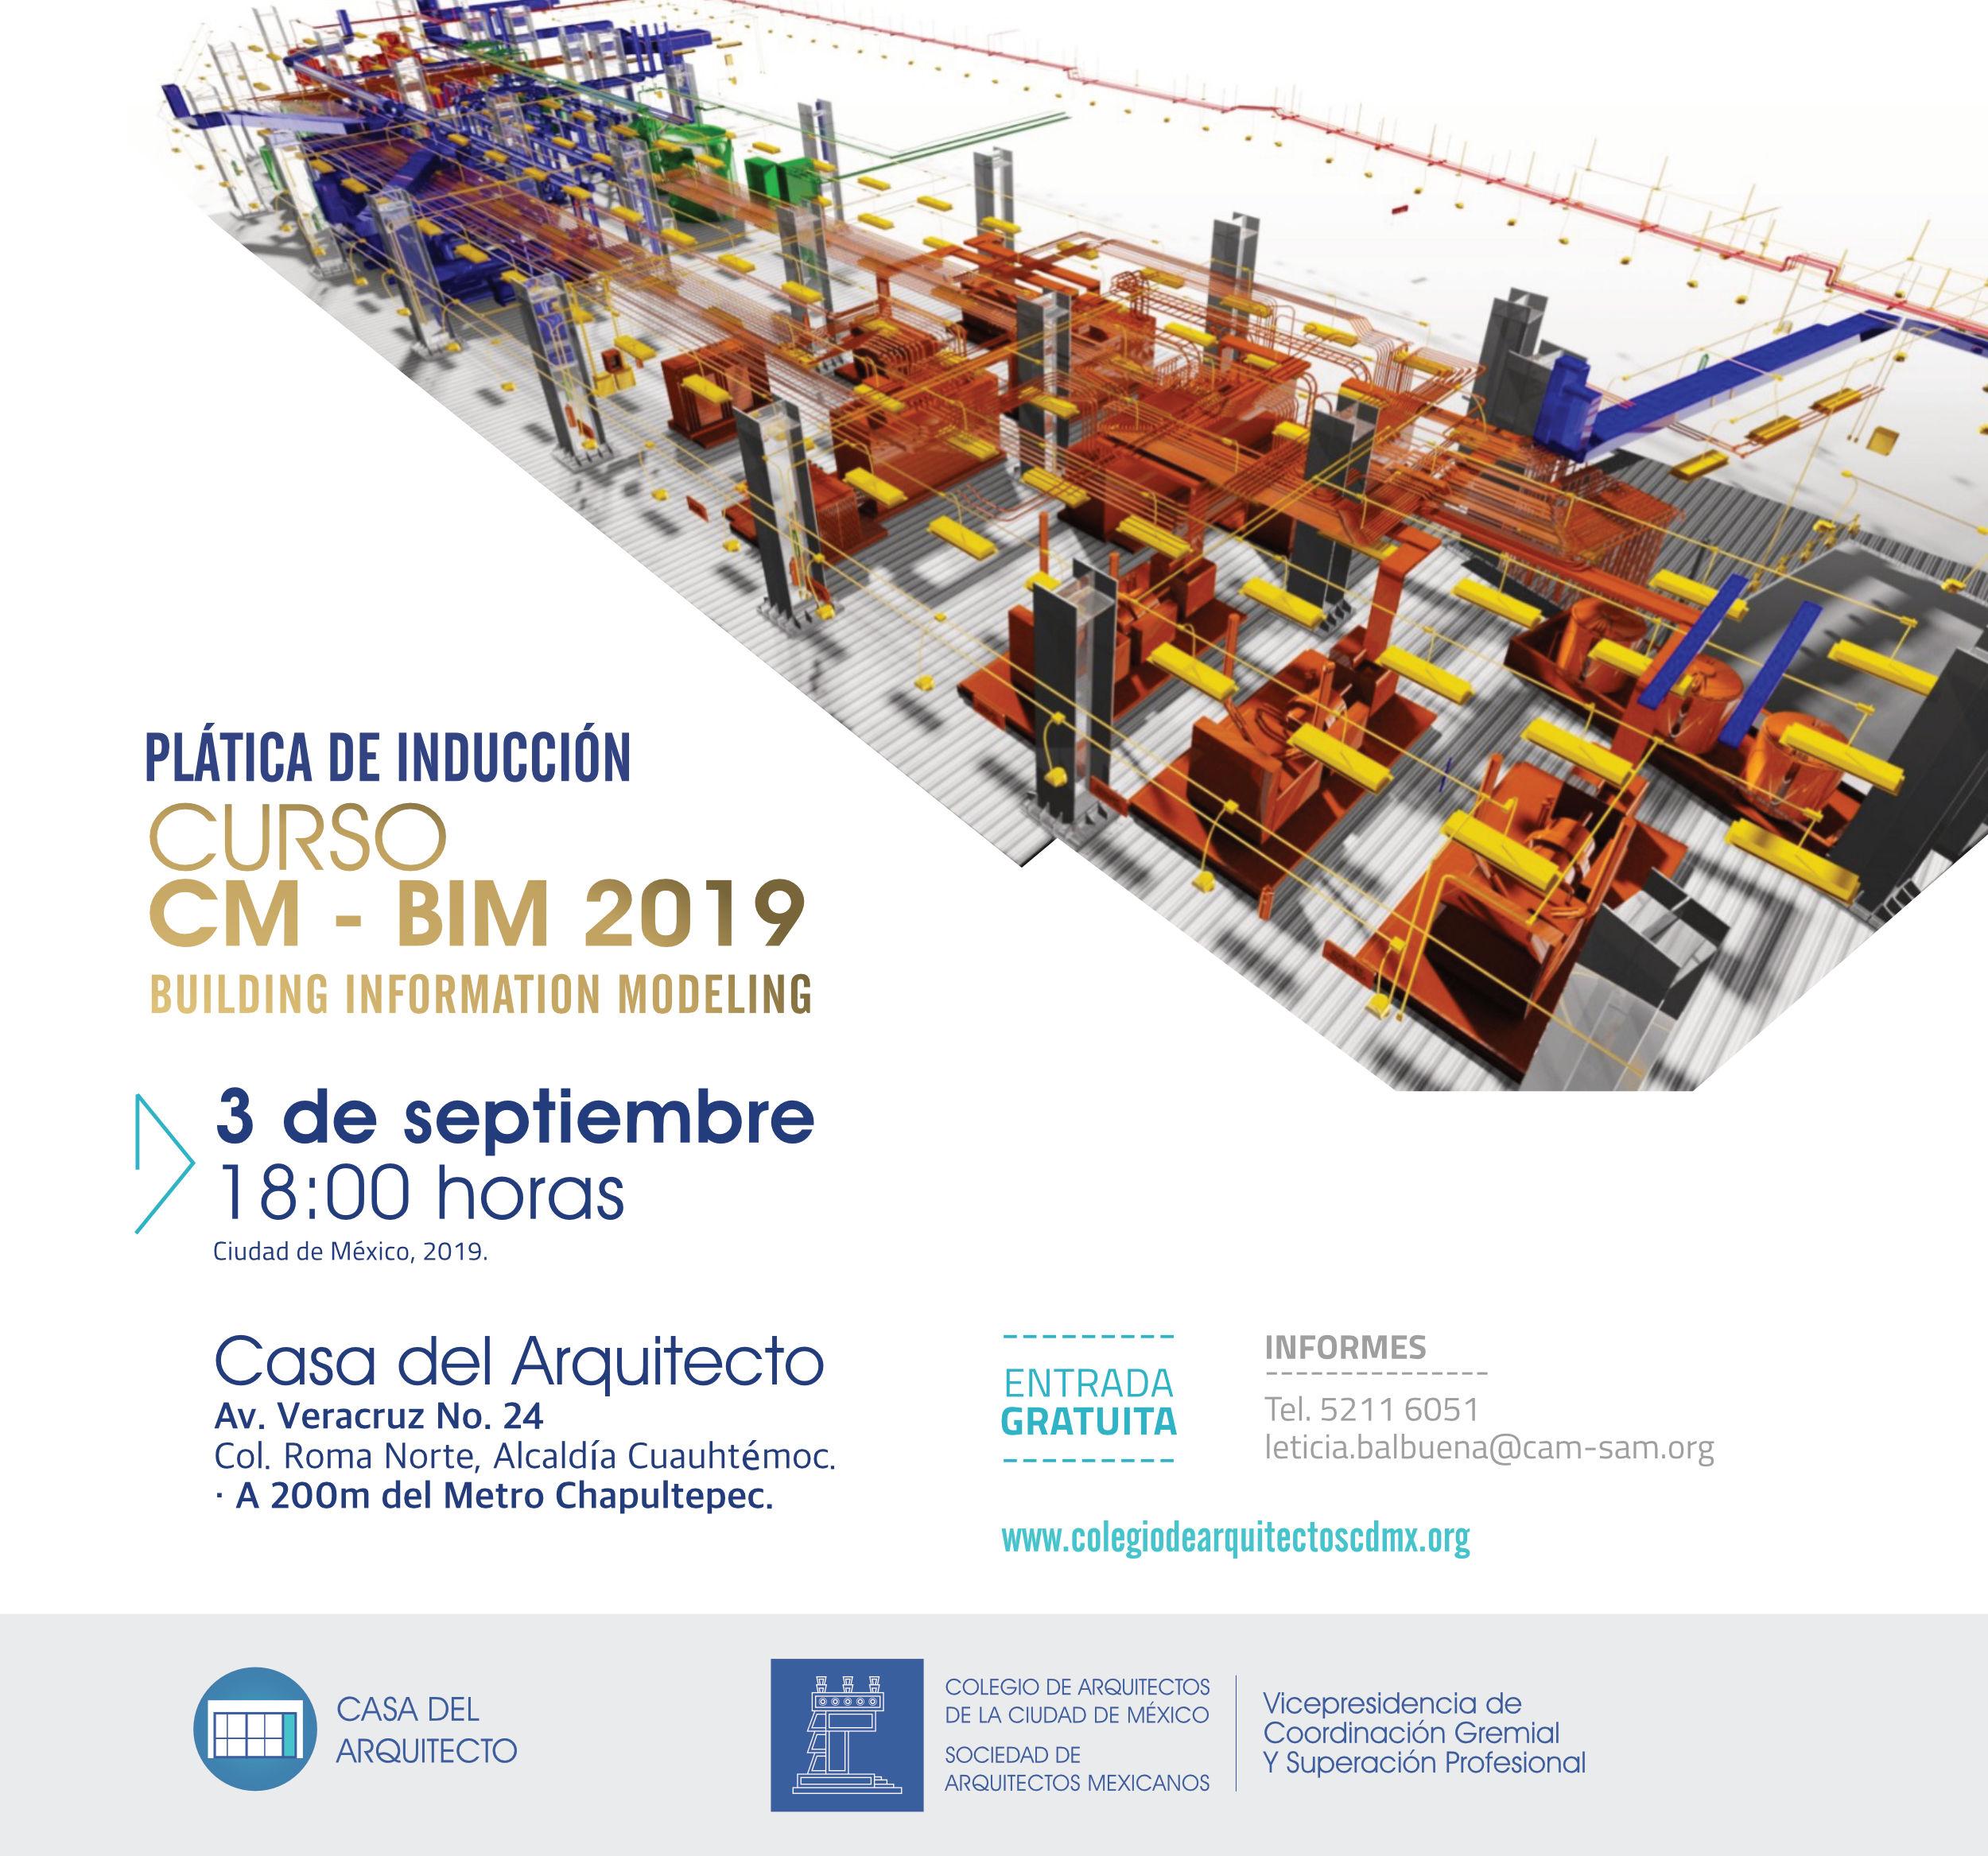 Plática de inducción CM - BIM 2019